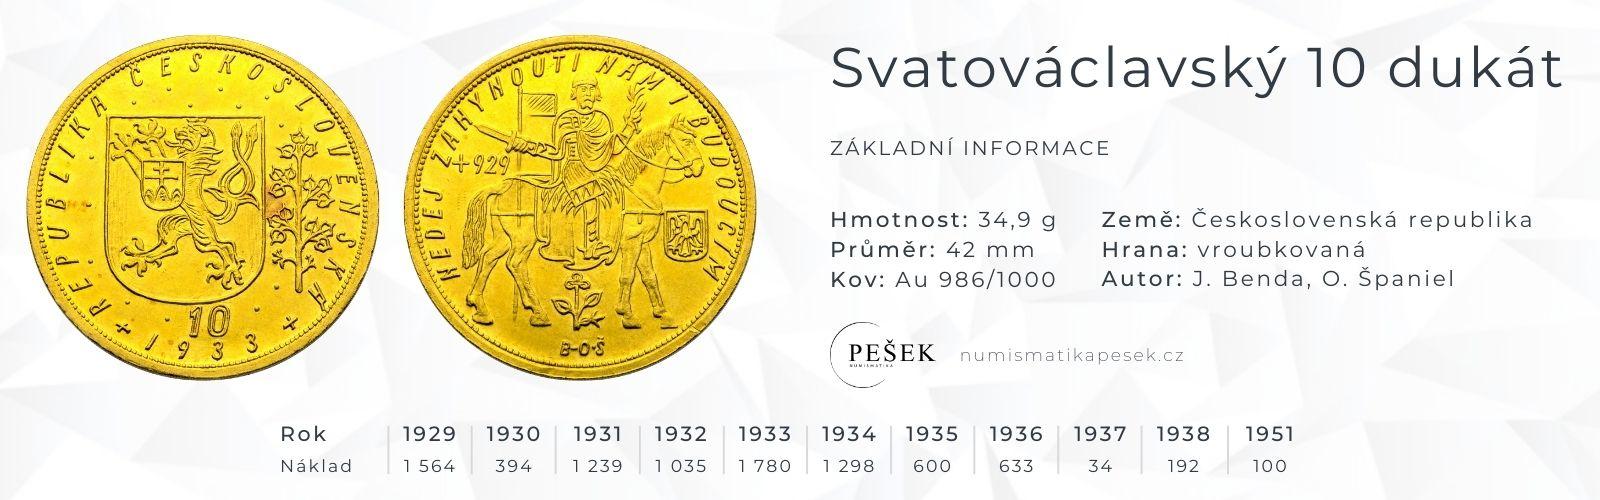 svatovaclavsky-10-dukat